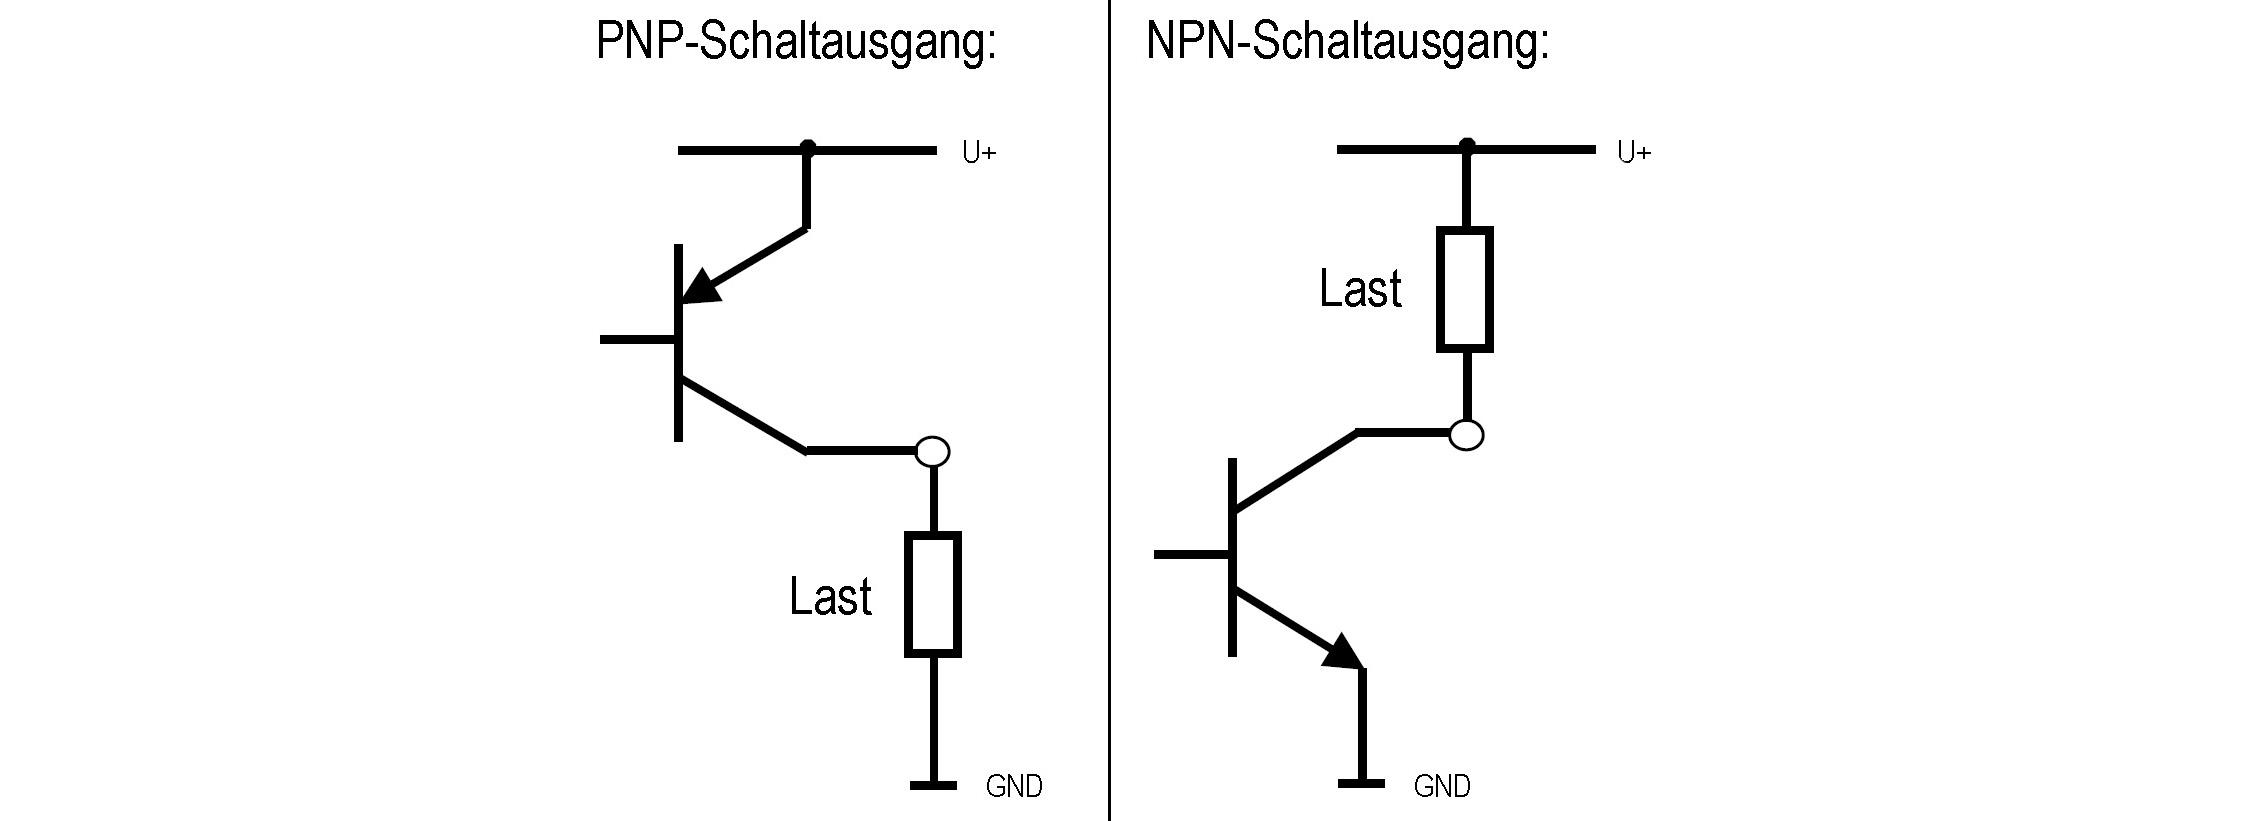 Anschluss PNP- und NPN-Transistorschaltausgang bei Druckschaltern ...